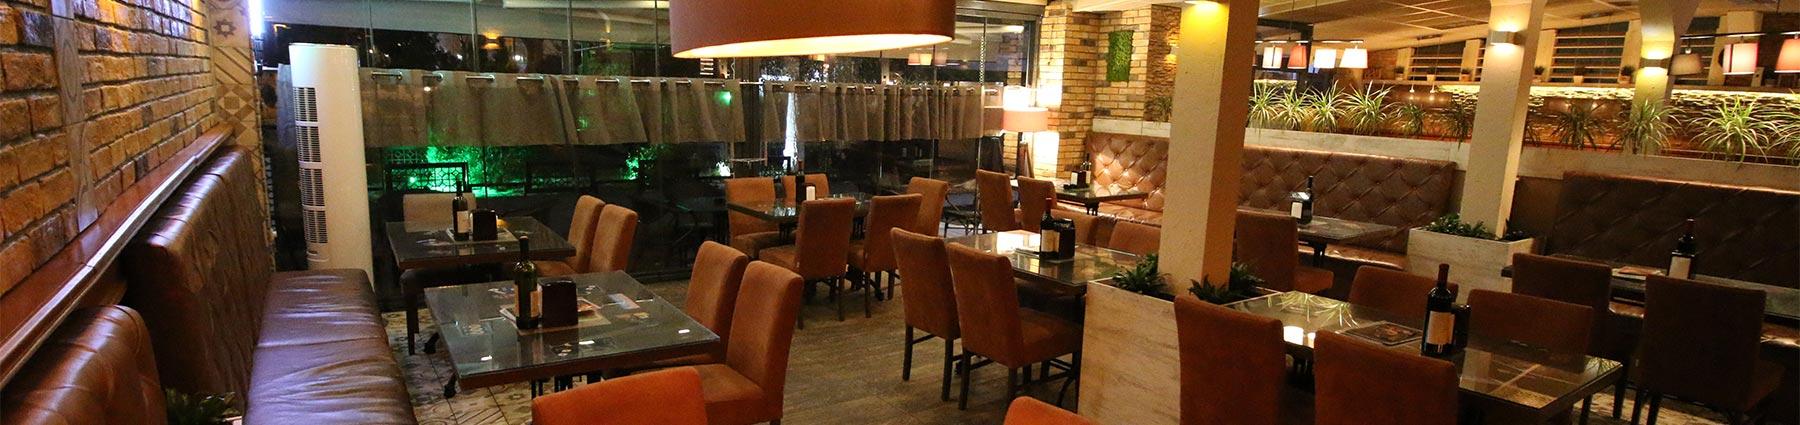 Ресторан La Piazza